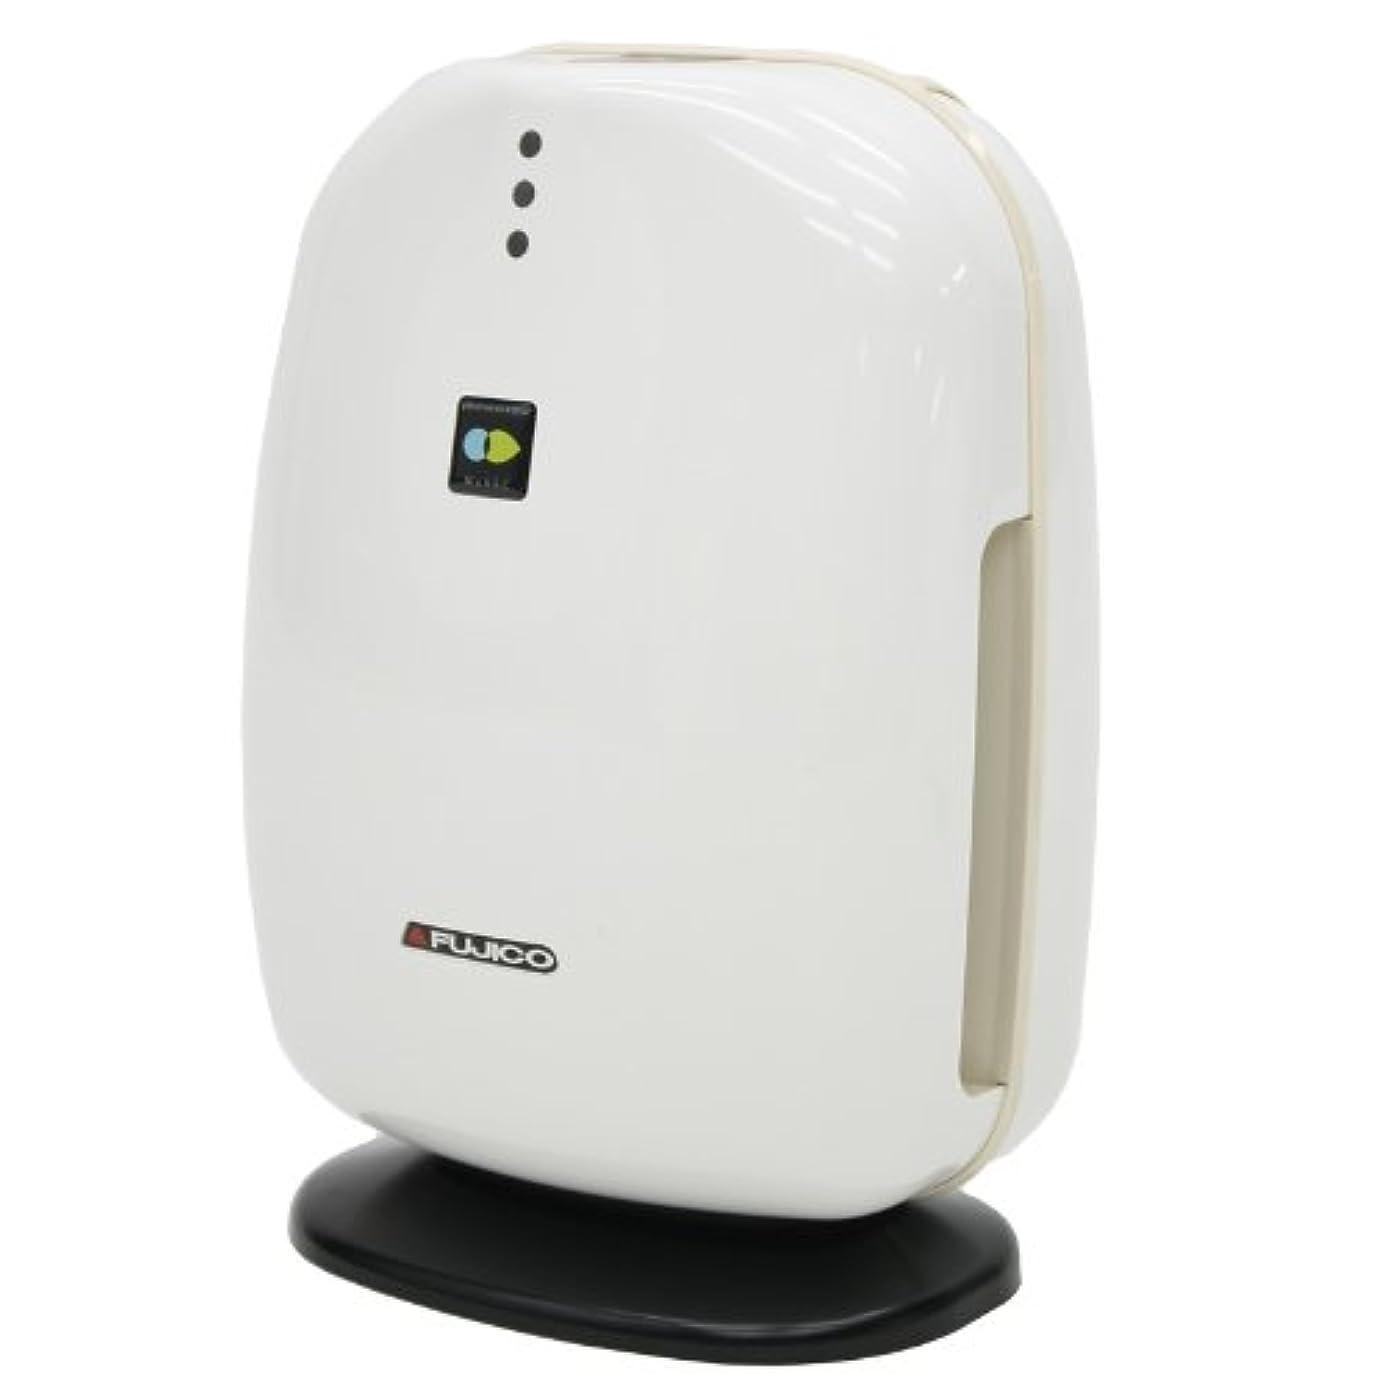 におい付添人なす空気消臭除菌装置マスククリーンMC-V2 ベージュ